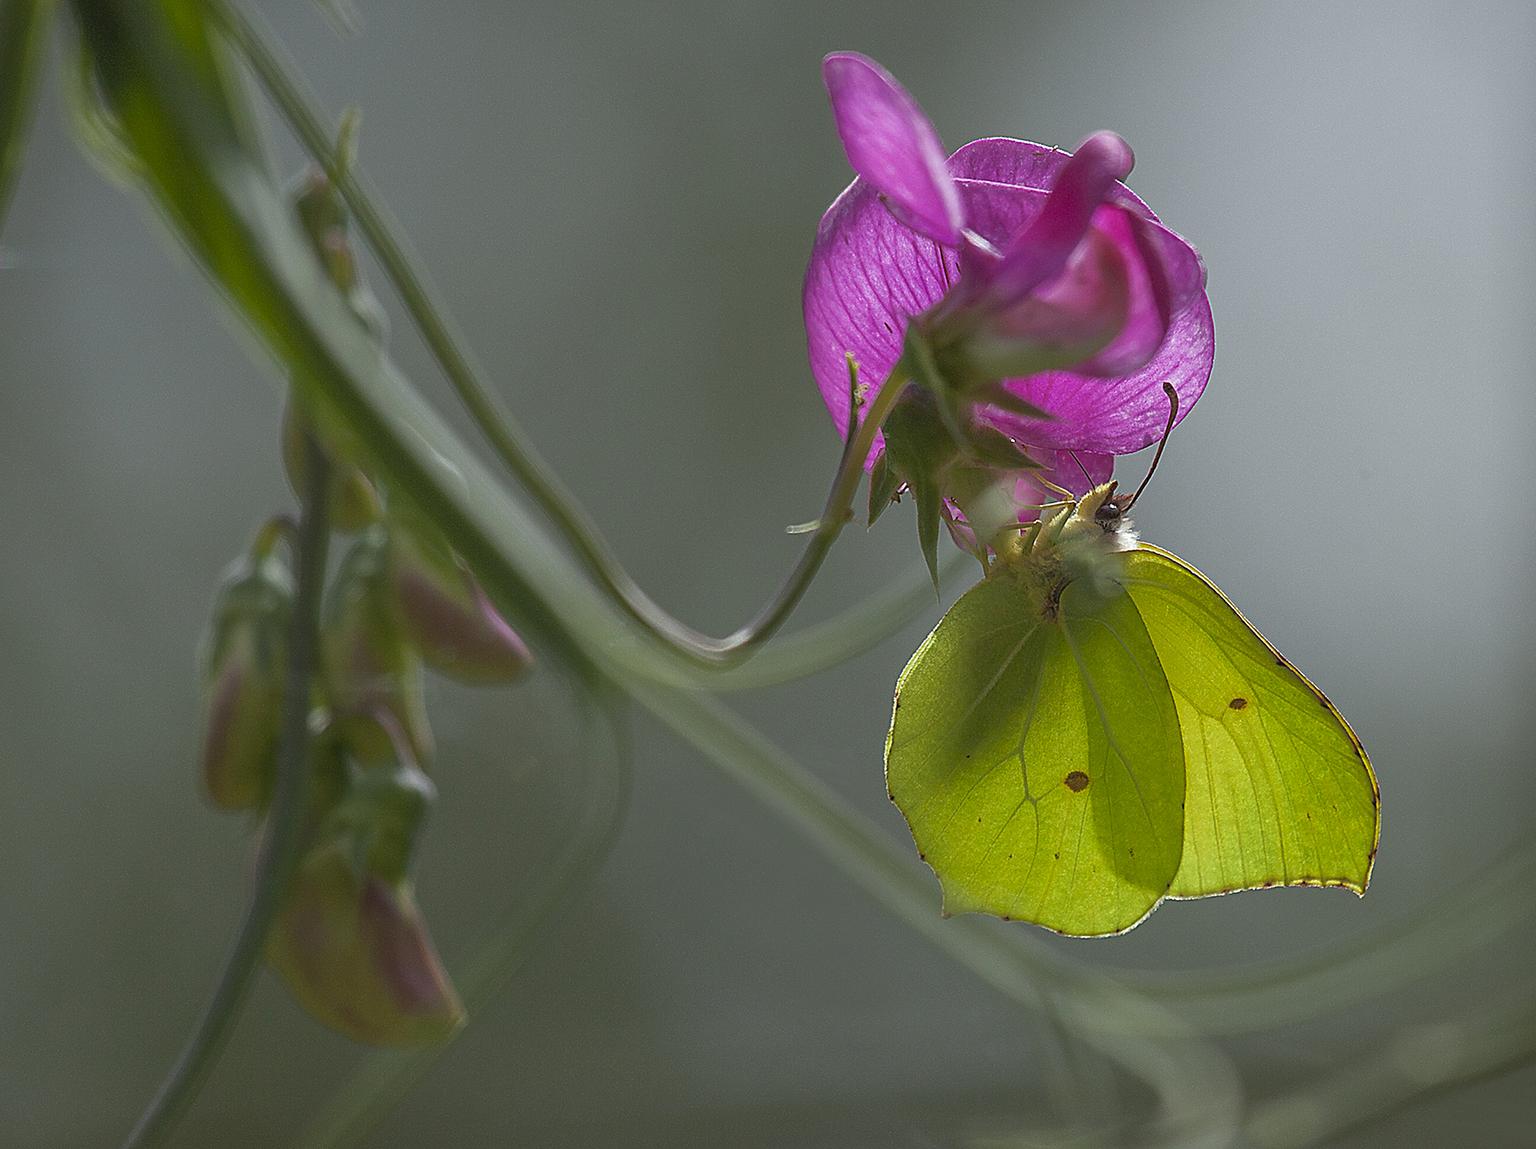 Citroenvlinder - Prachtig om te zien deze combinatie van natuurlijke kleuren  versterkt door het zonlicht. - foto door AA-99 op 11-04-2021 - locatie: 9566 Veelerveen, Nederland - deze foto bevat: bloem, gonepteryx rhamni, fabriek, zwavel, bloemblaadje, bestuiver, terrestrische plant, insect, vlinder, geleedpotigen